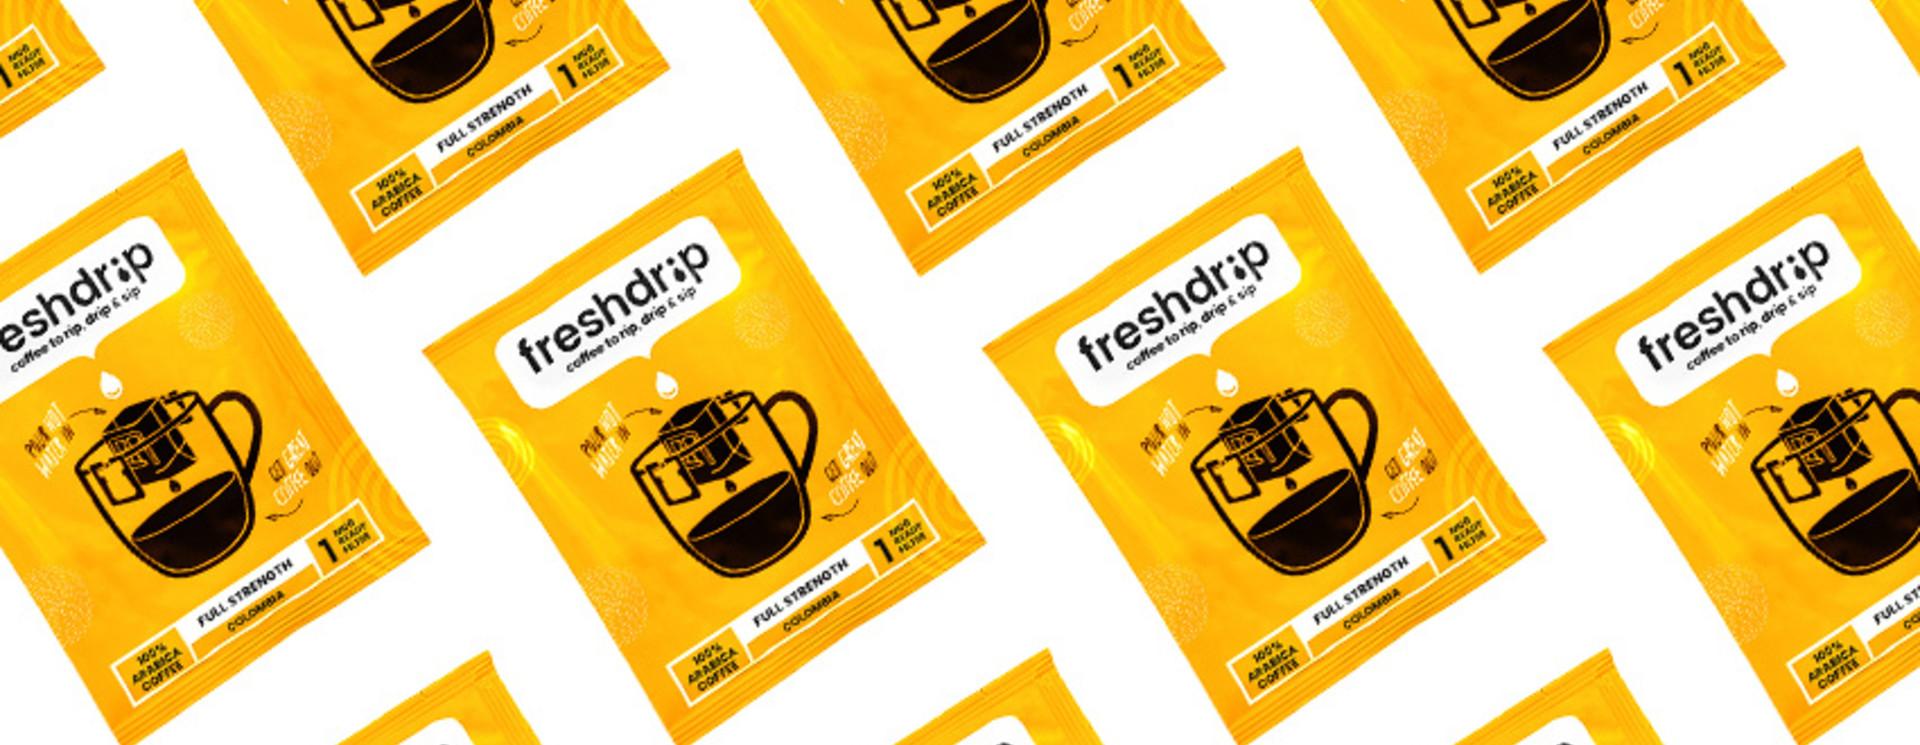 Freshdrip Volle Sterkte Filter Koffie